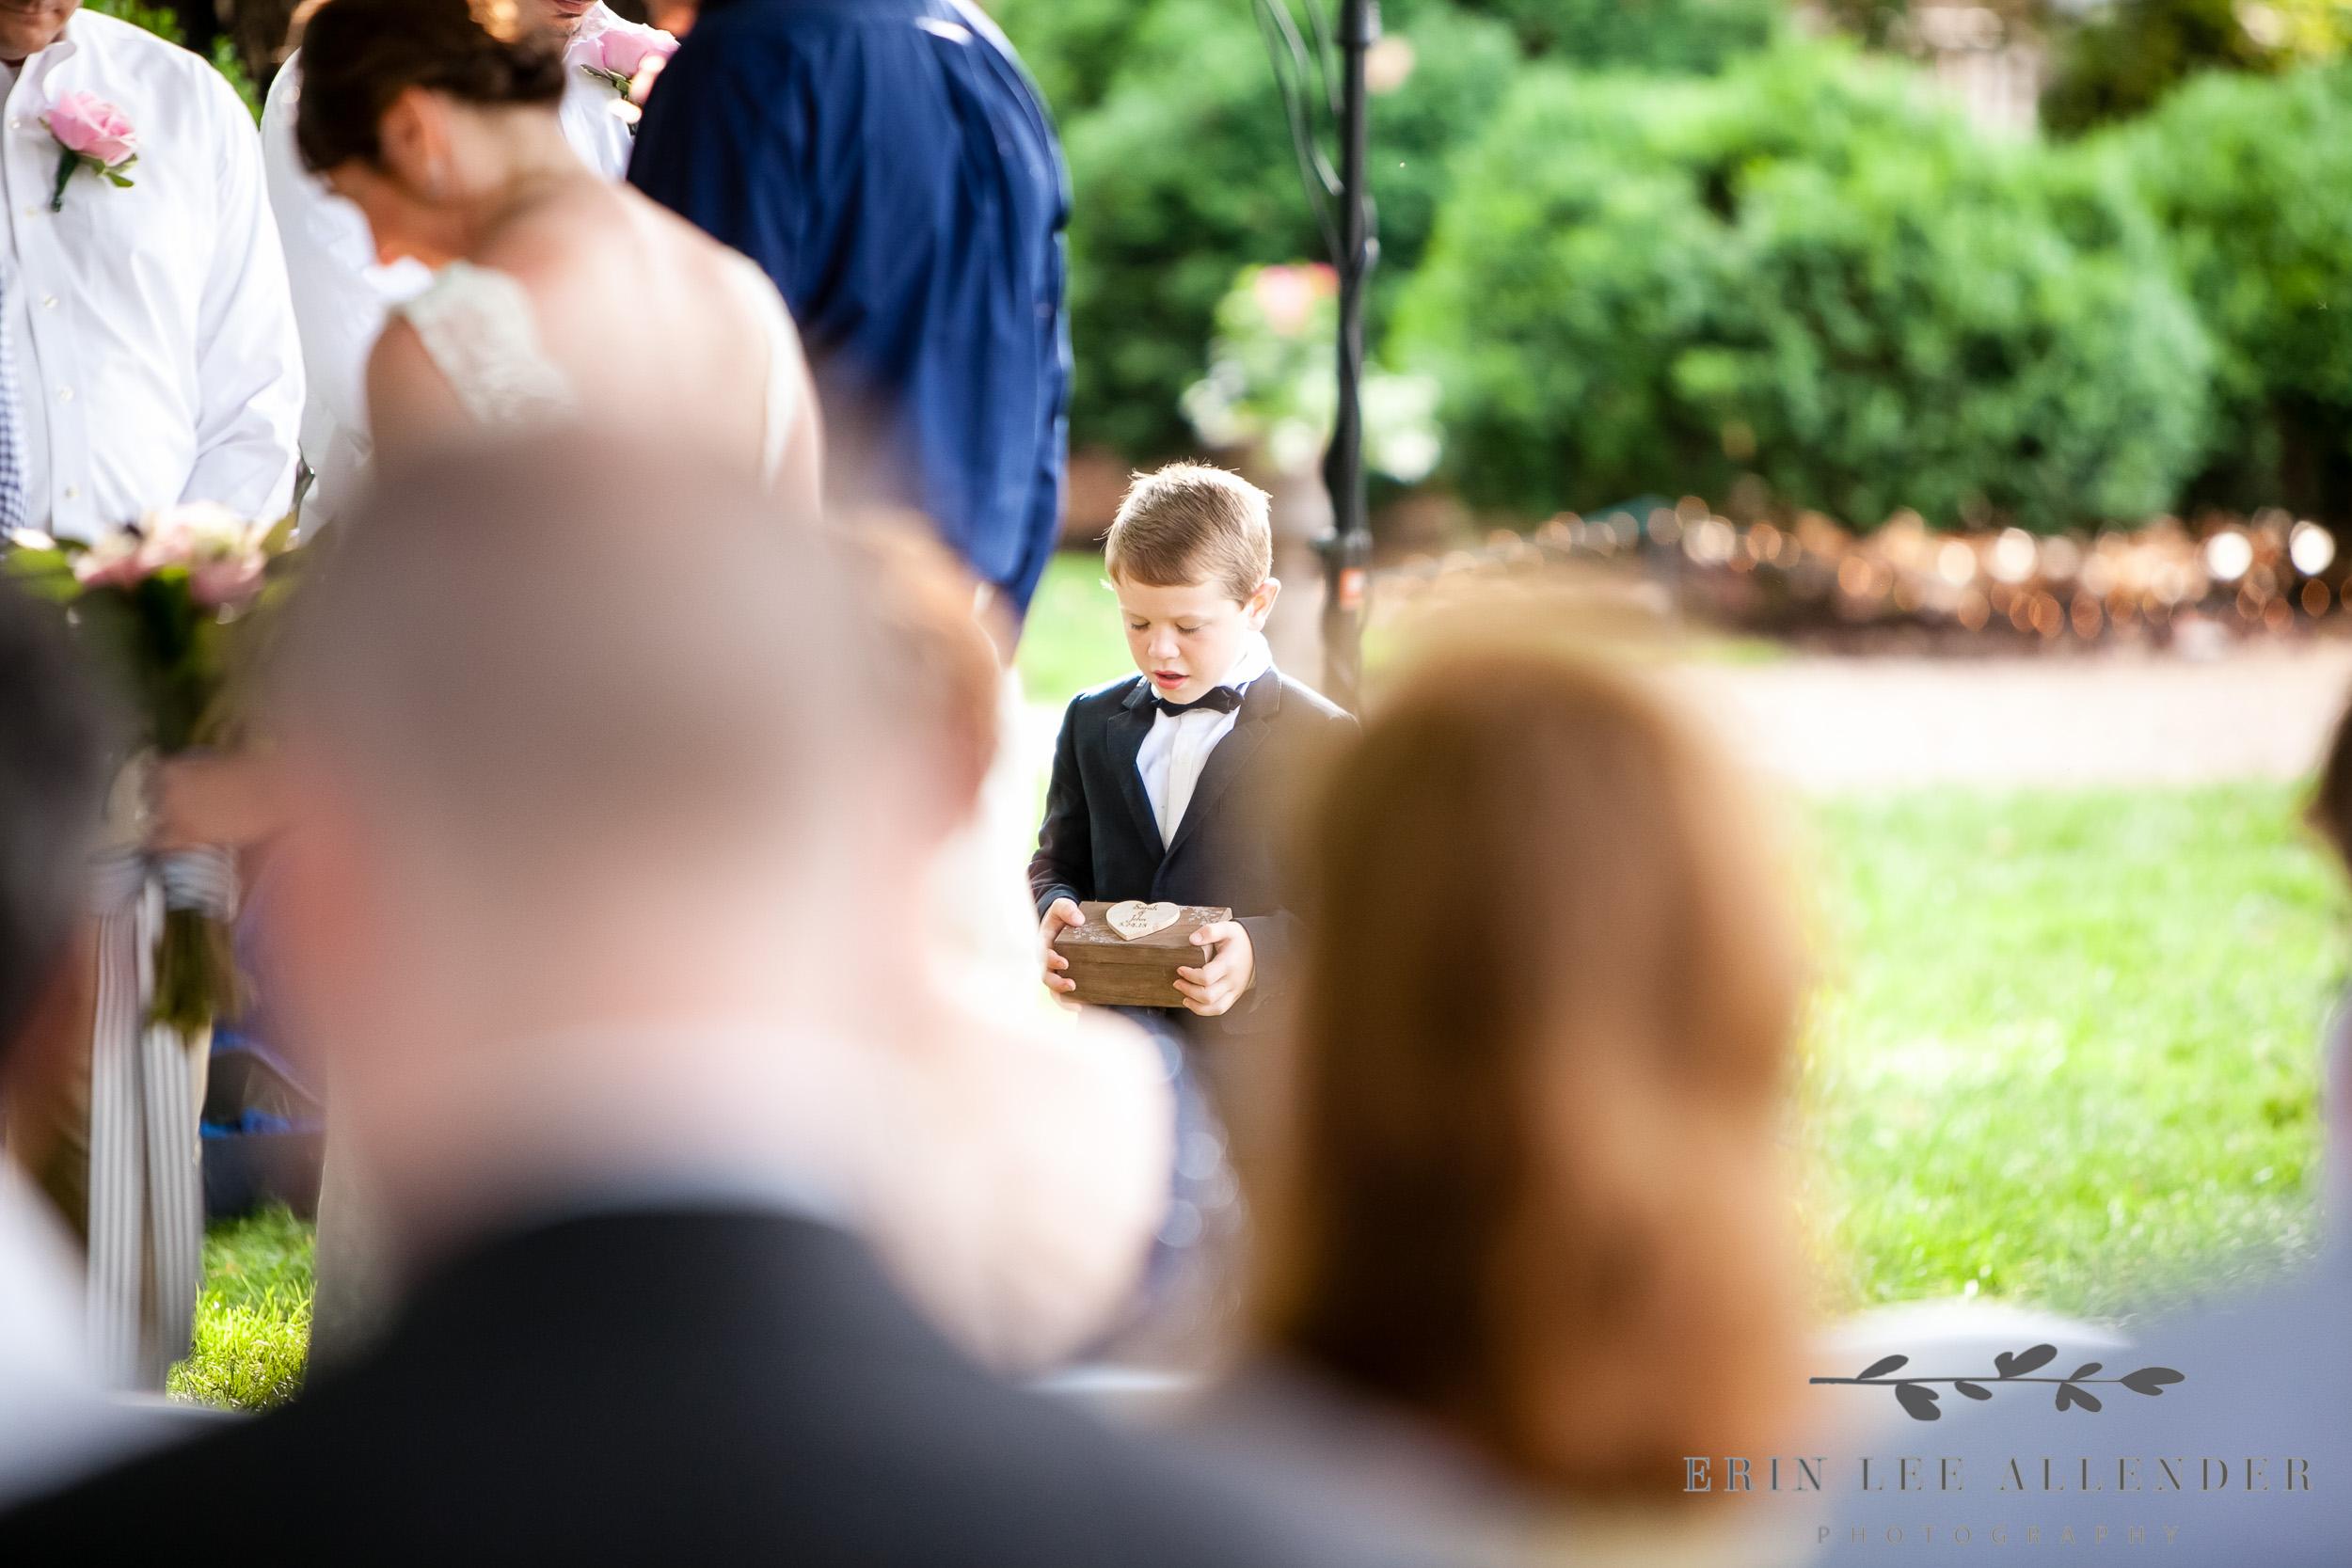 Ring_Bearer_Prays_During_Ceremony